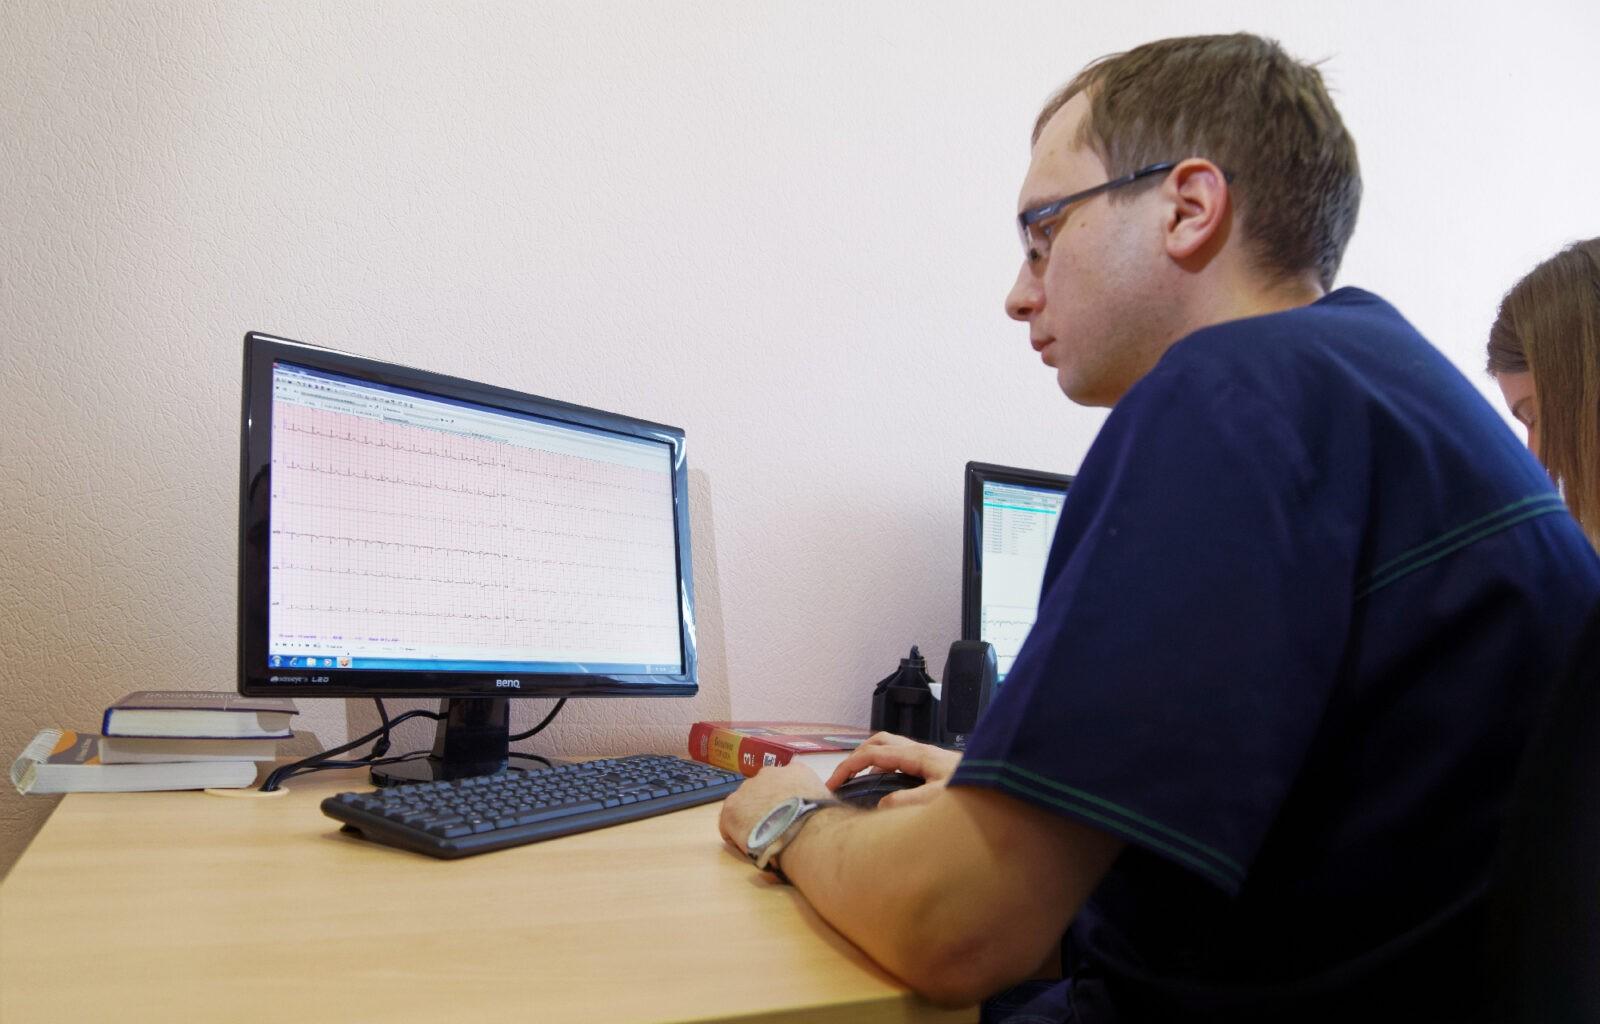 В Тверской области закупили новые приборы для диагностики болезней сердца